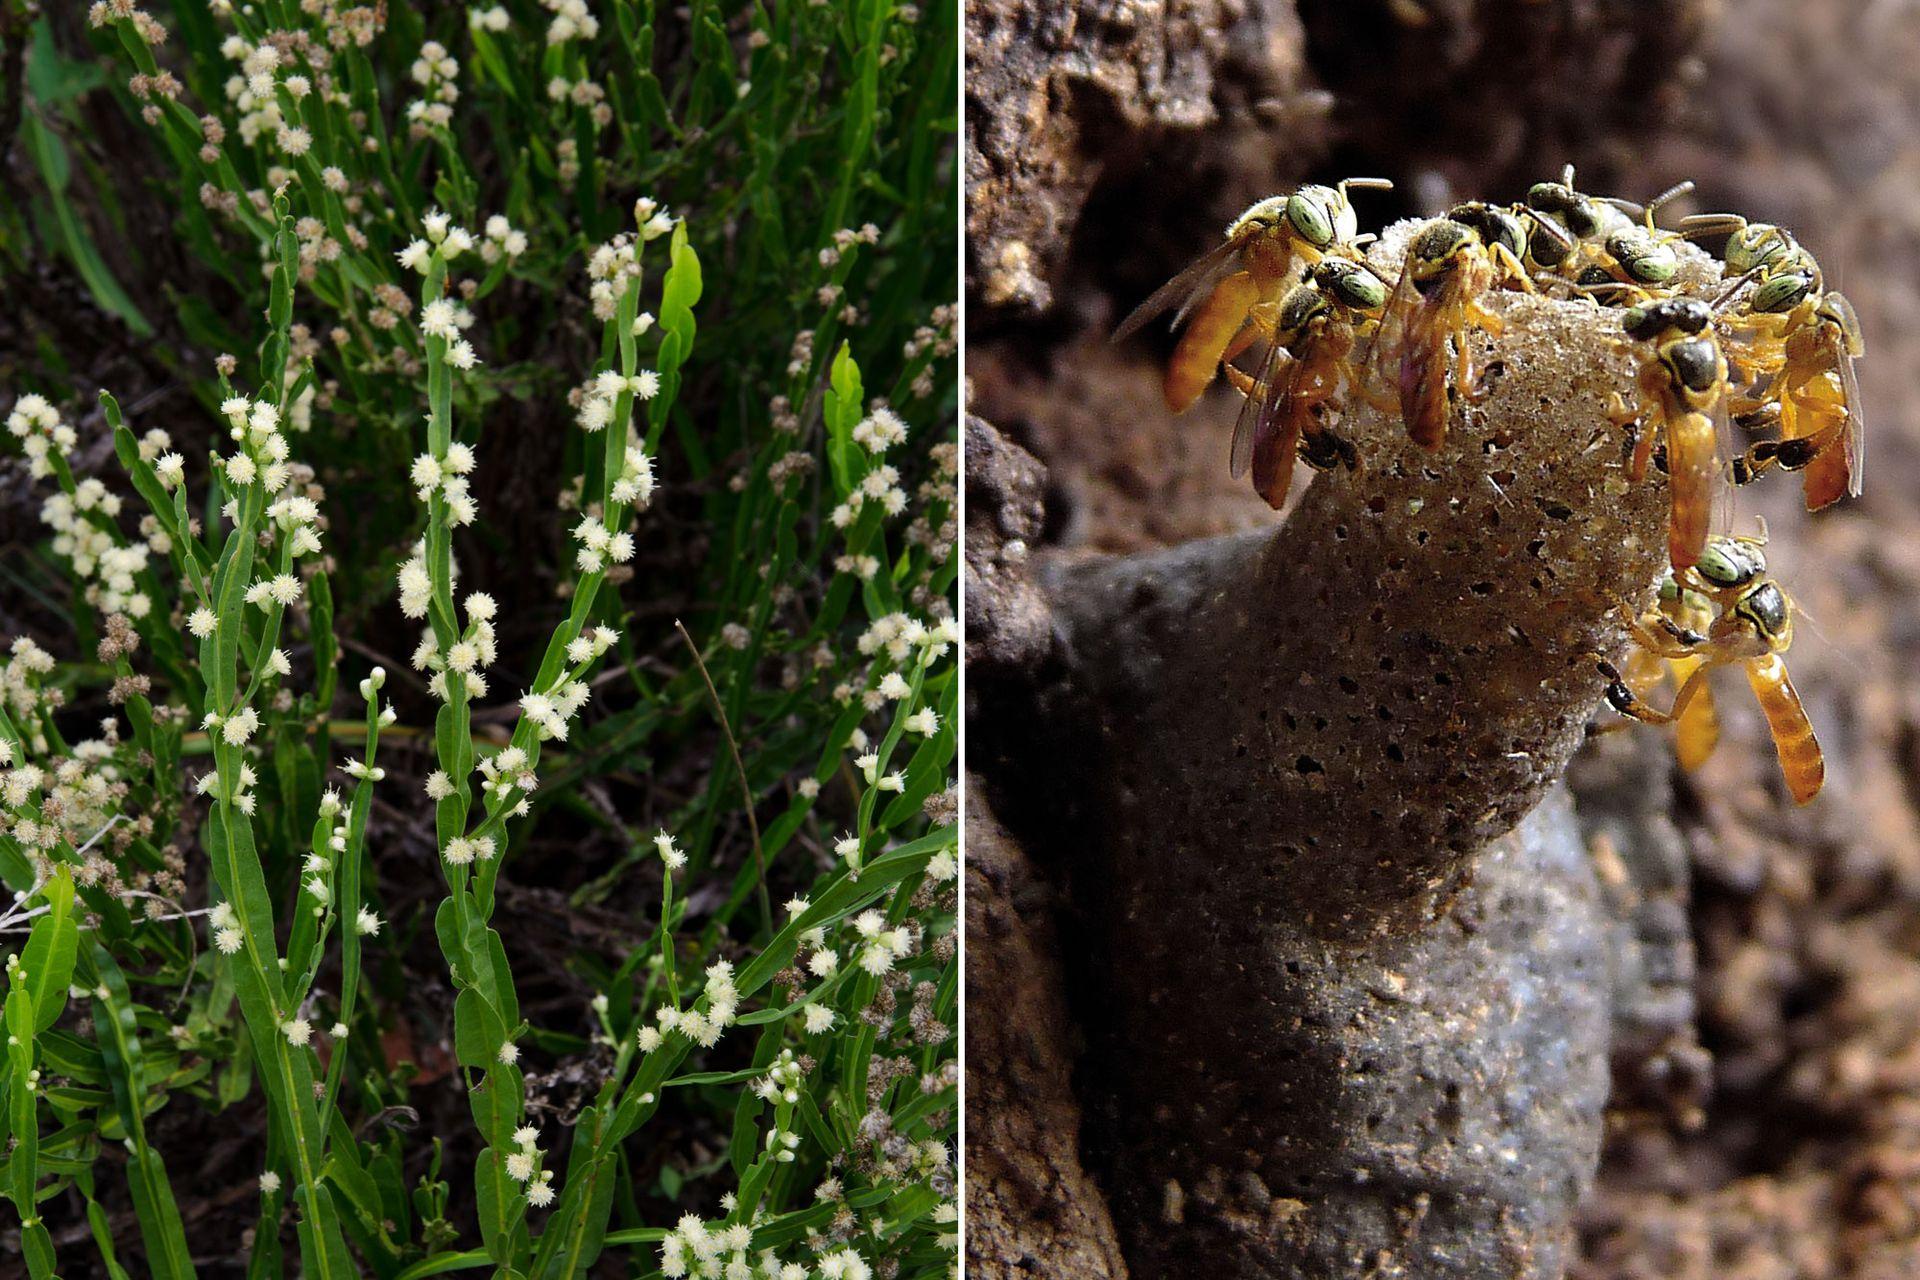 Izquierda: Planta de carqueja en floración. Derecha: Abejas yateí en su colmena.